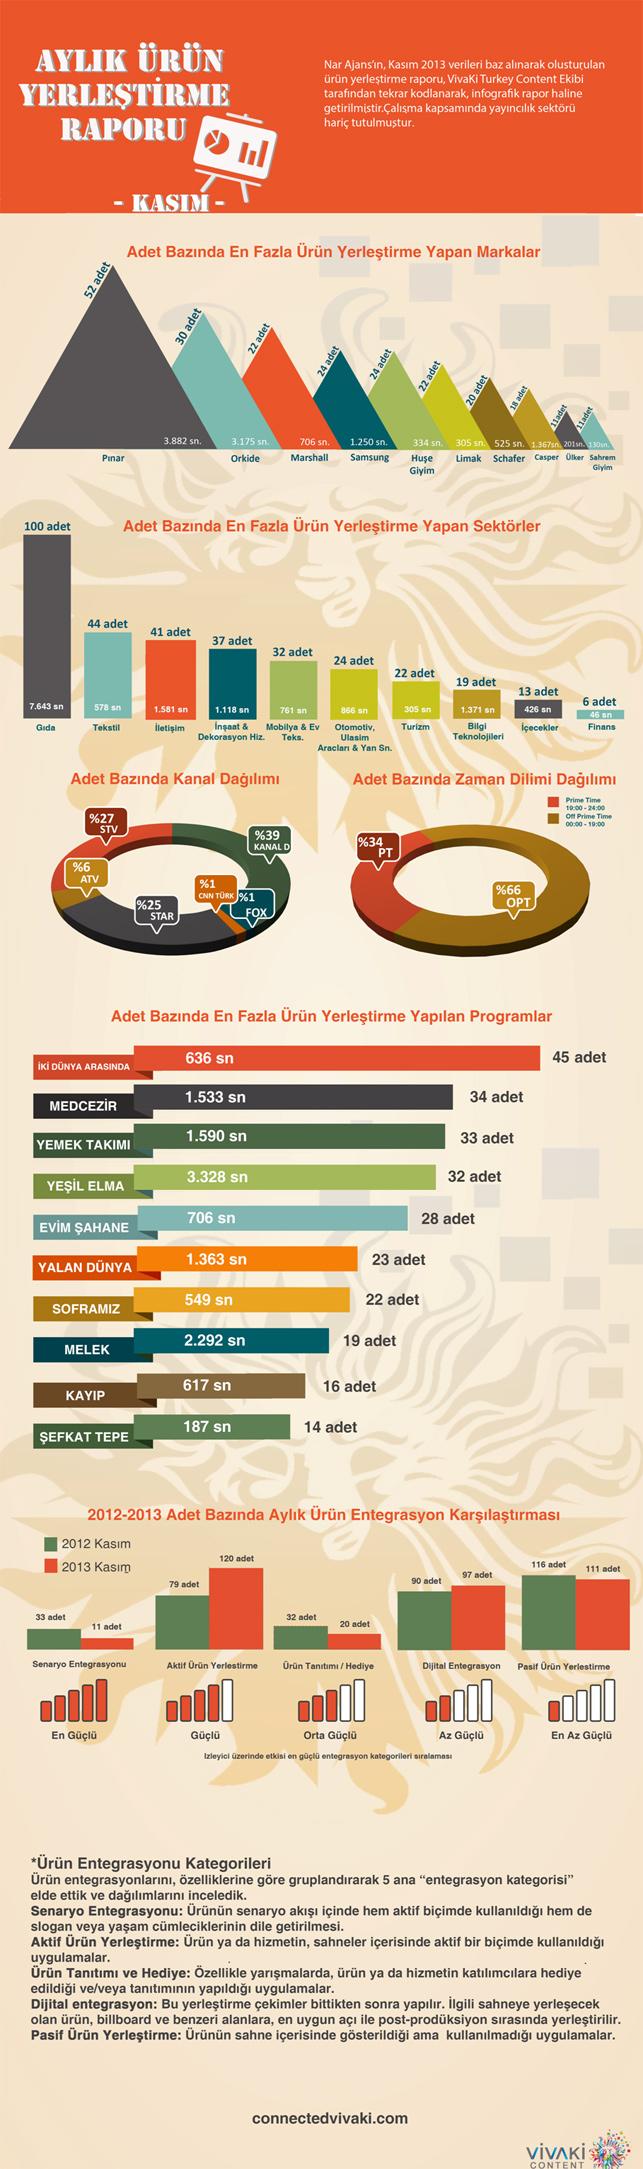 VivaKi Türkiye'den Kasım ayı istatistiklerini derleyen infografik.